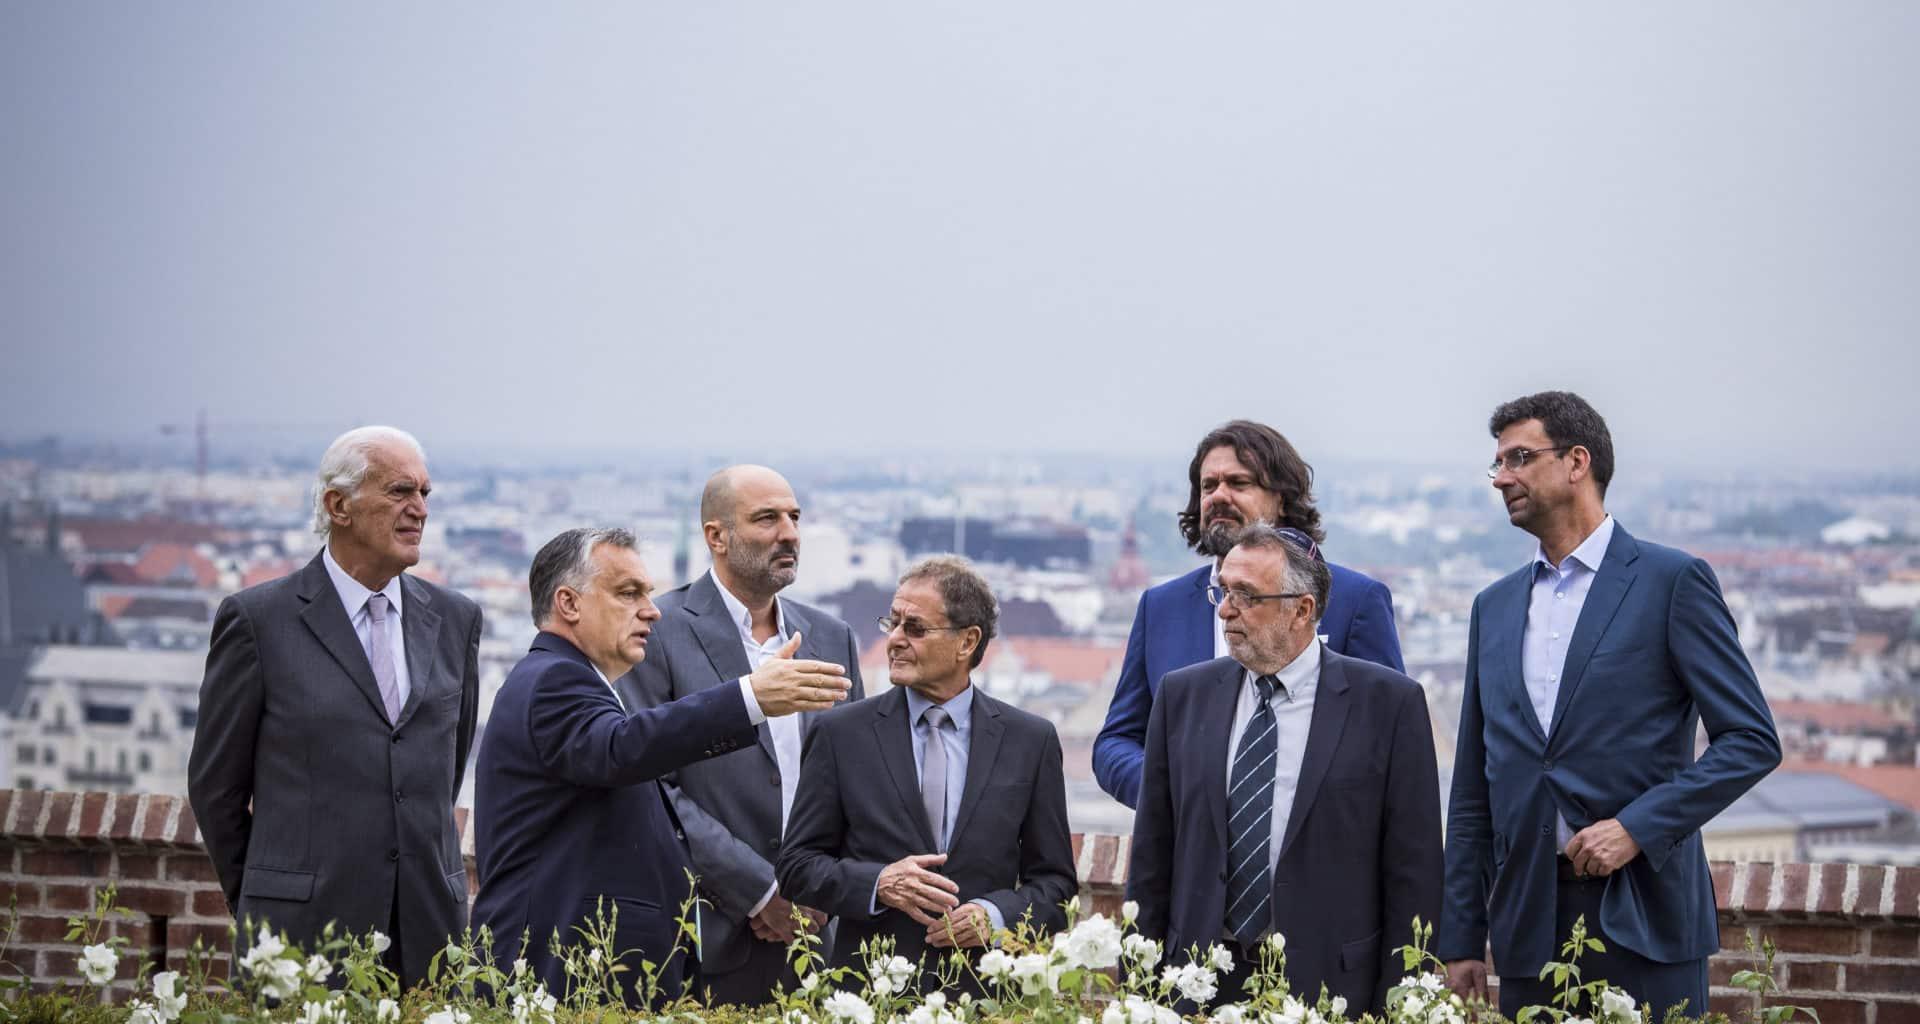 PM-Orbán-meets-Maccabi-Games-representatives